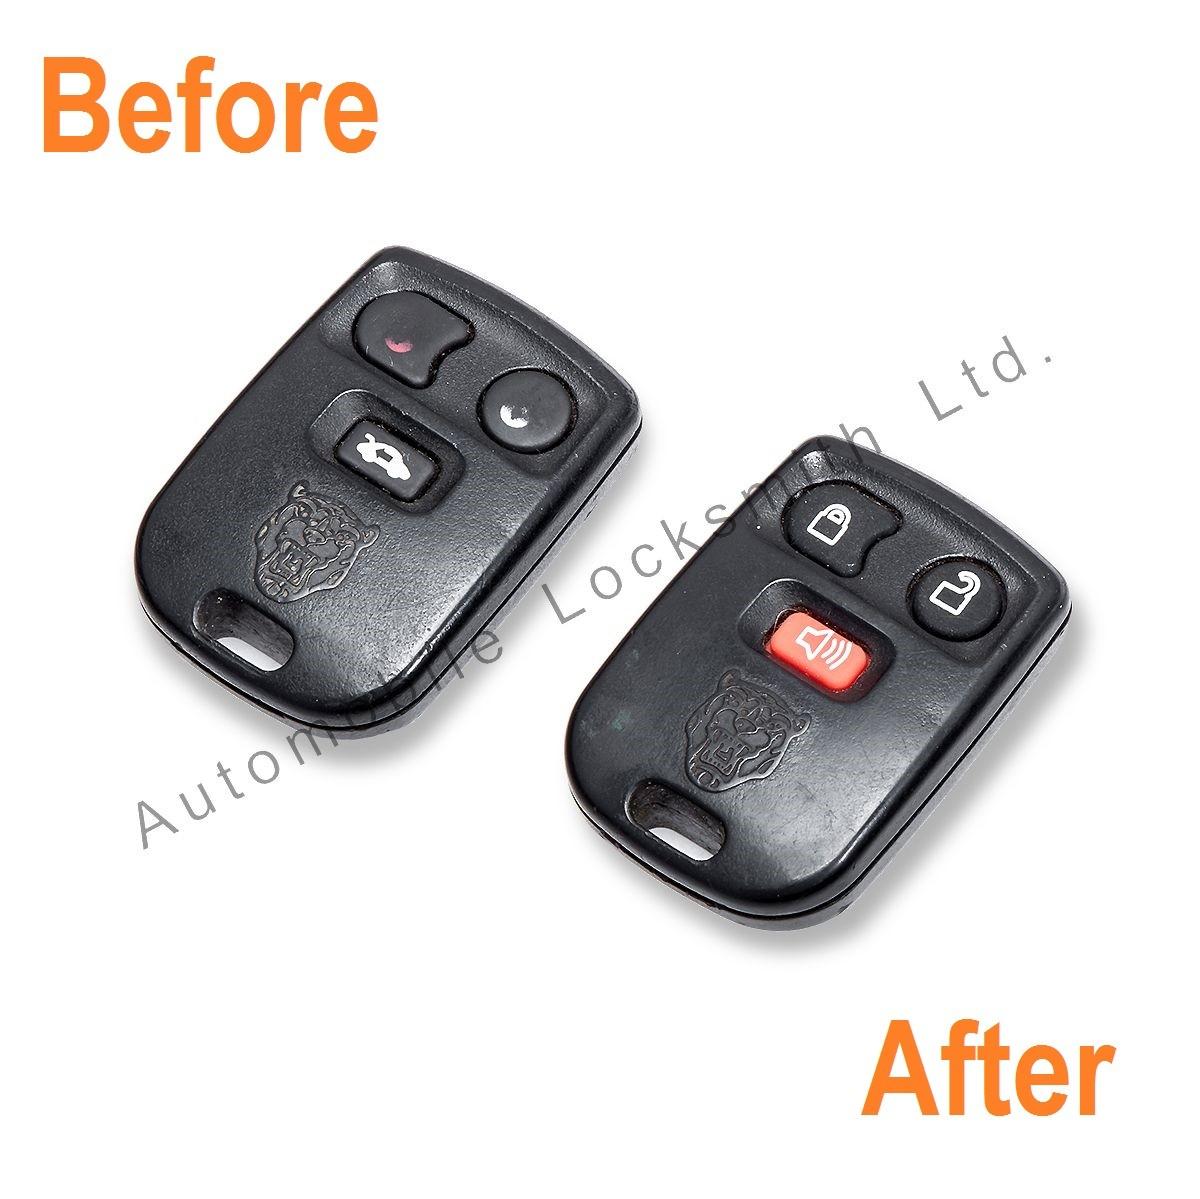 Repair service for Jaguar 3 button remote alarm key